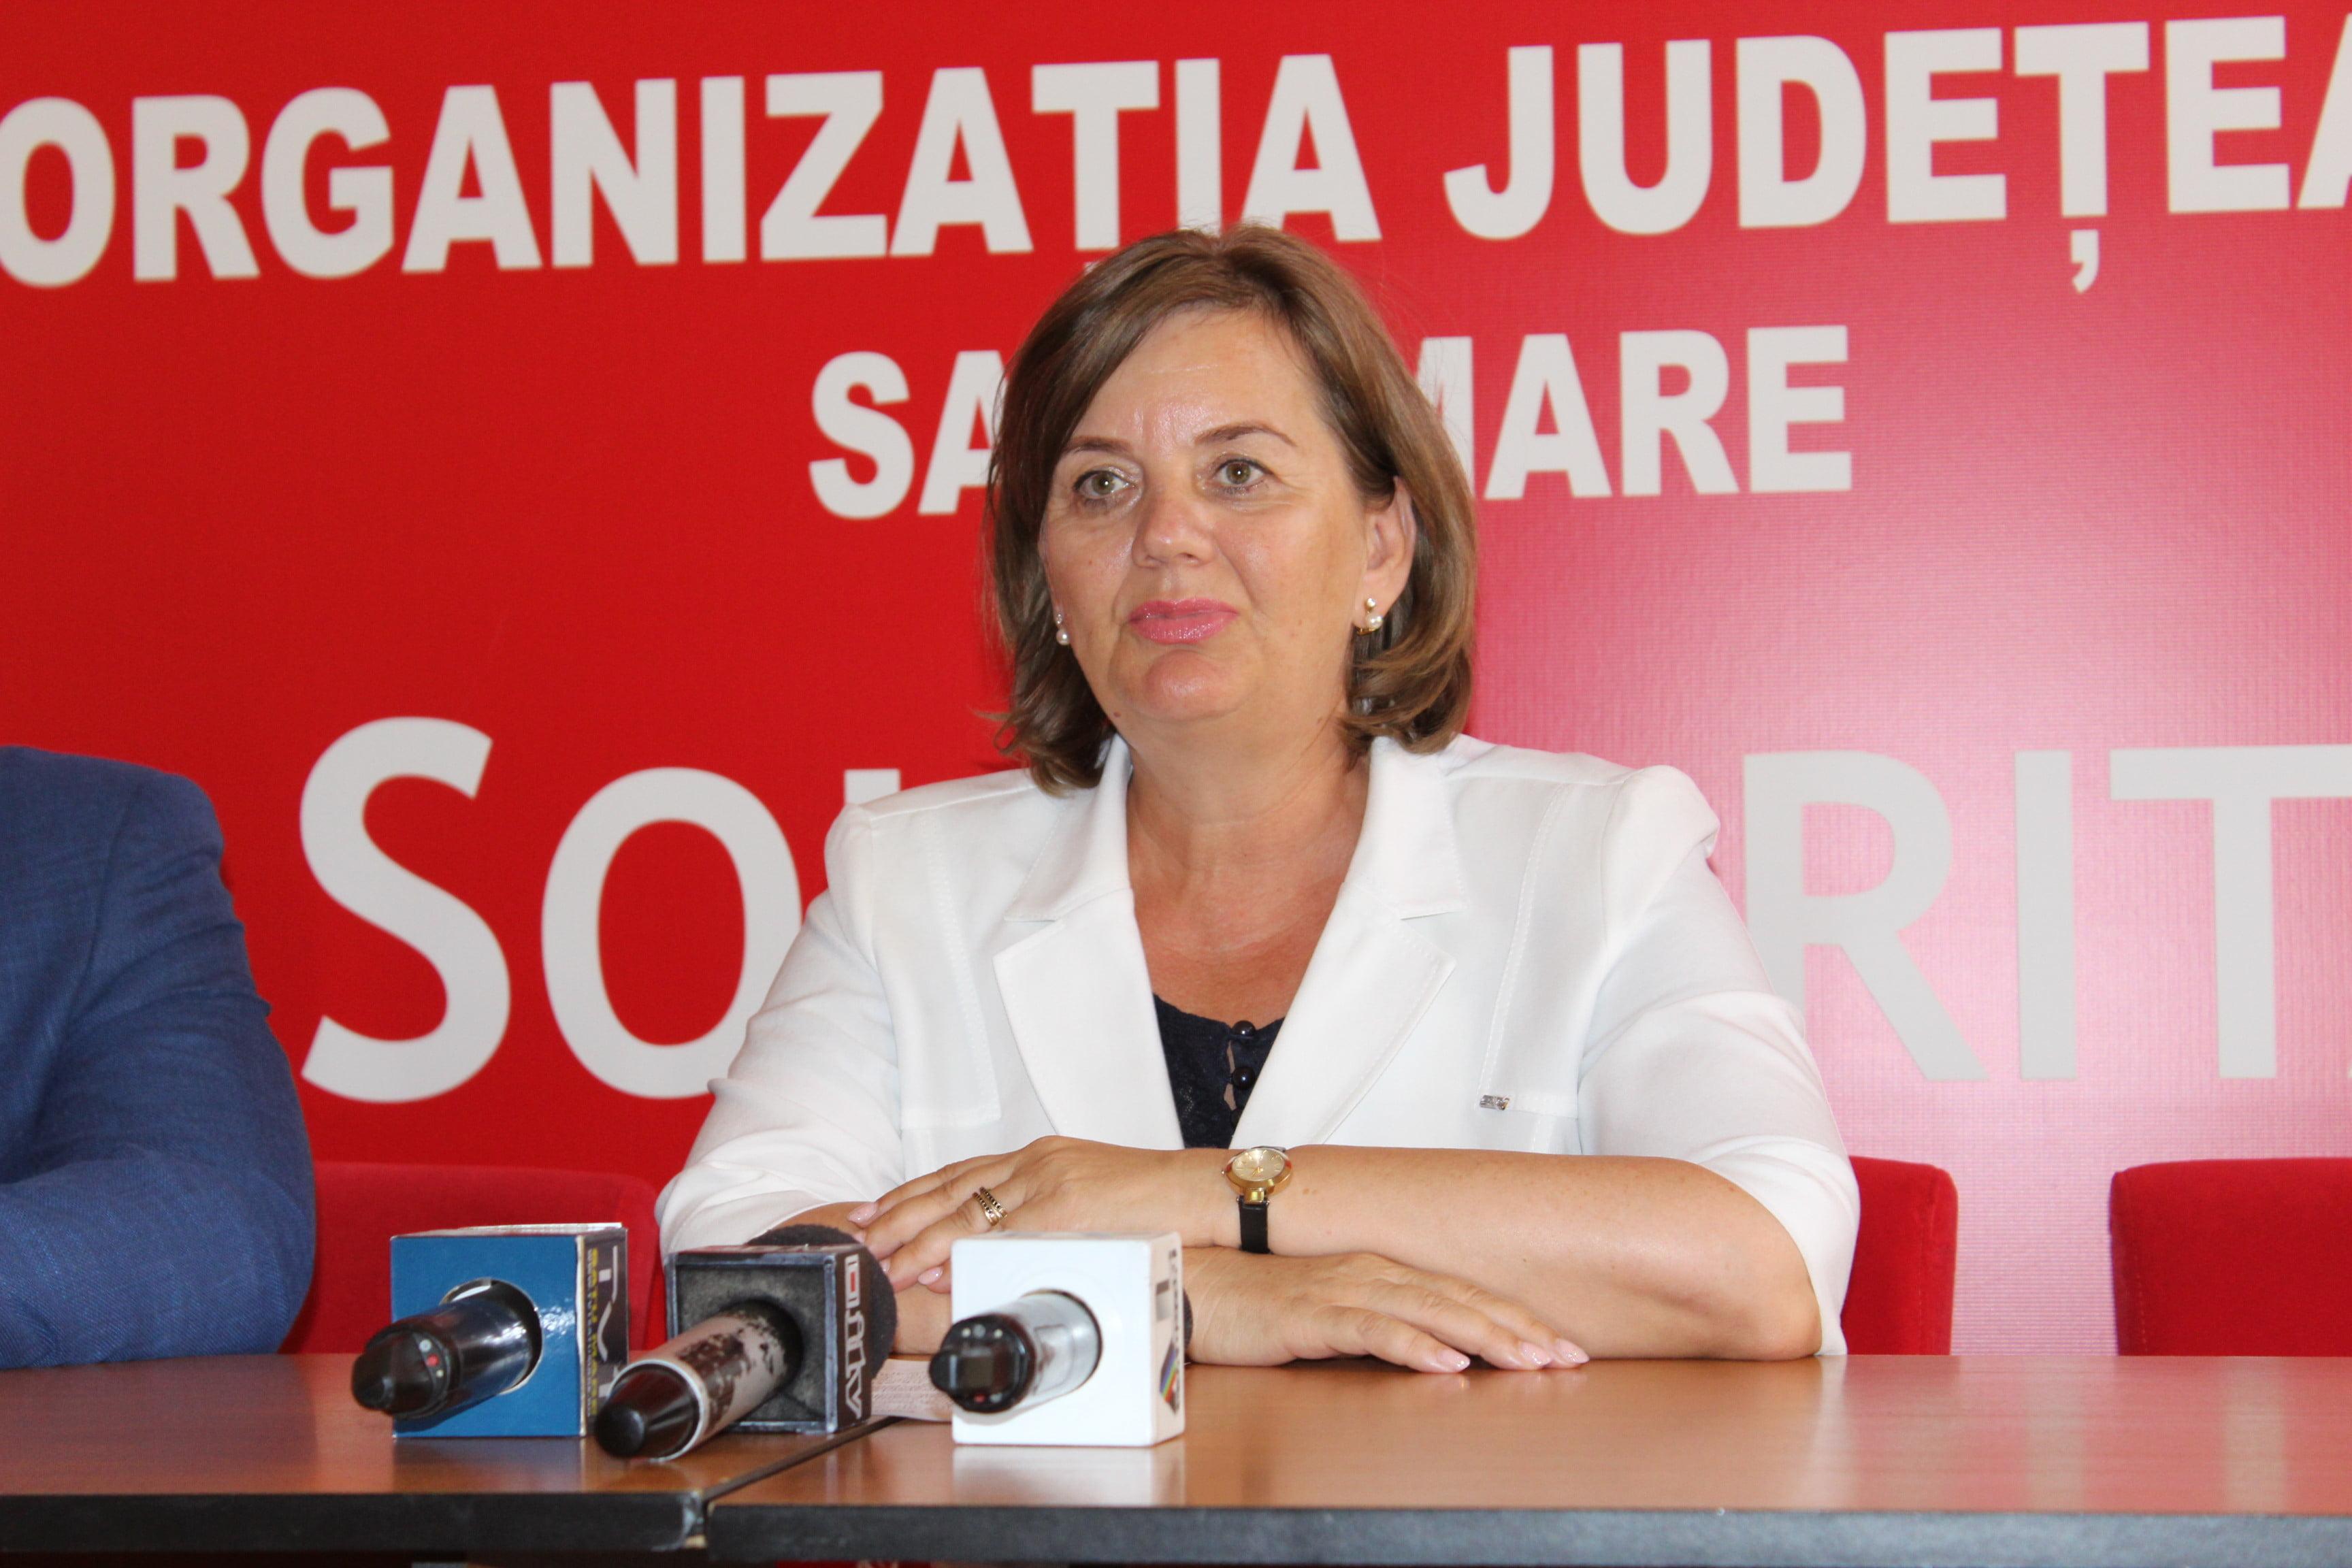 Bătălie mare în PSD. Bătrâni din partid nevoiți să facă un pas în spate